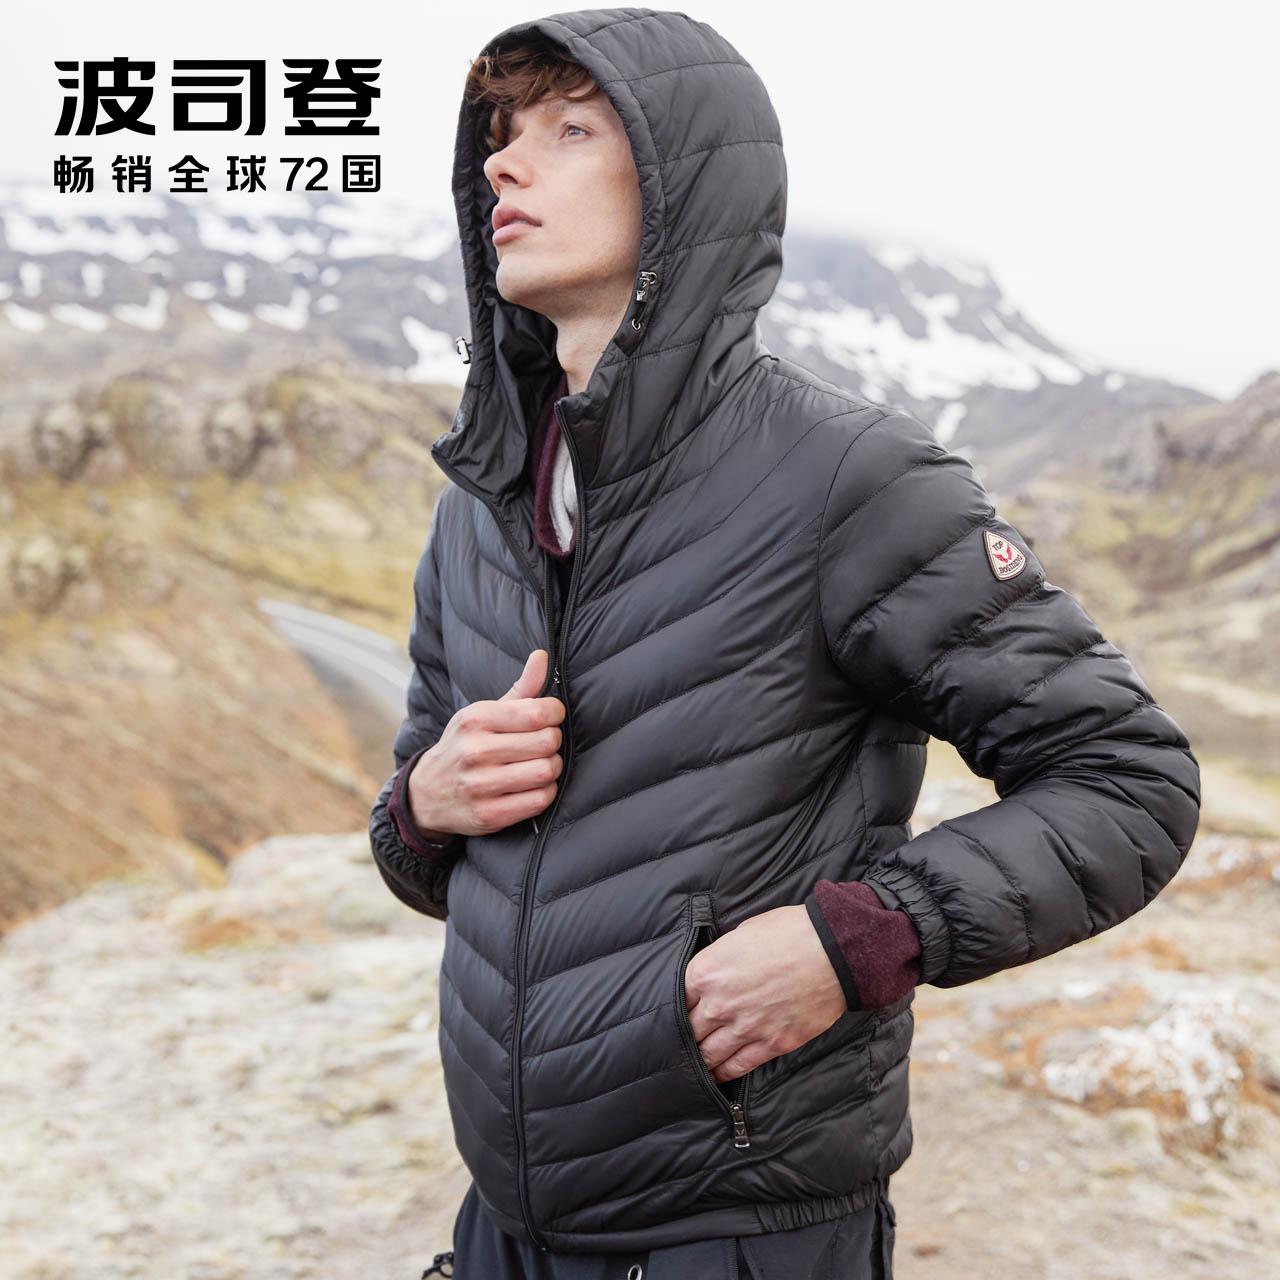 波司登羽绒服男 新款轻薄短款外套男装连帽时尚休闲冬装B80131007